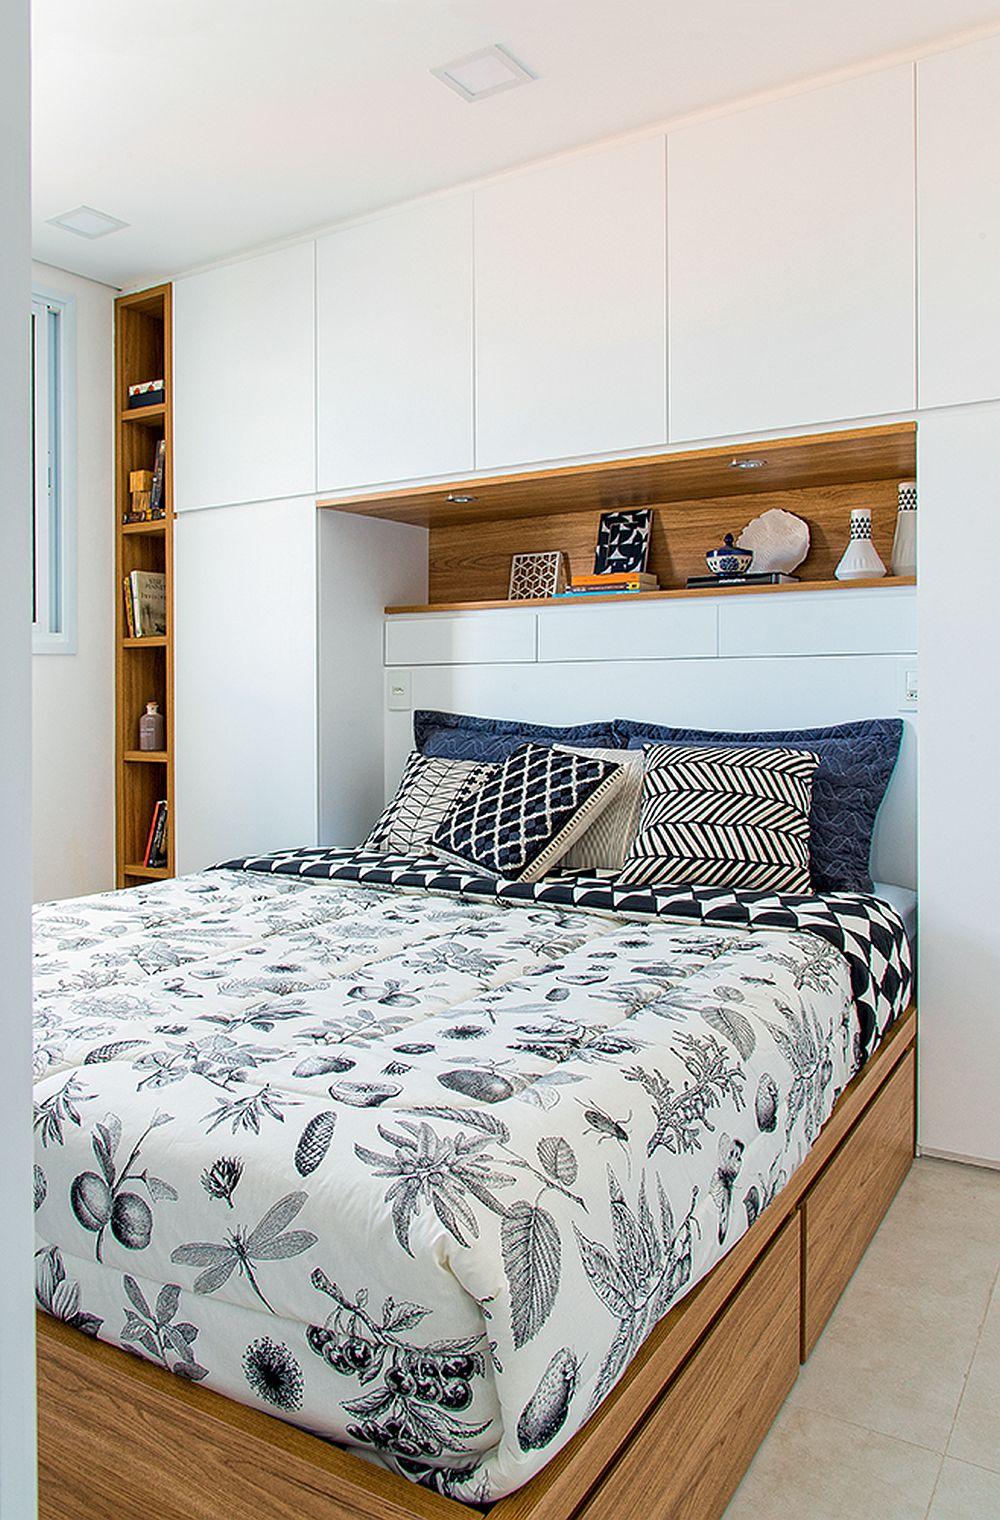 Pentru mai mult spațiu de depozitare, patul din dormitor este încadrat de mobilier. Nicio zonă nu a rămas nefolosită. Dacă de o parte și de alta sunt dulapuri pentur haine, tăblia patului include sertare.